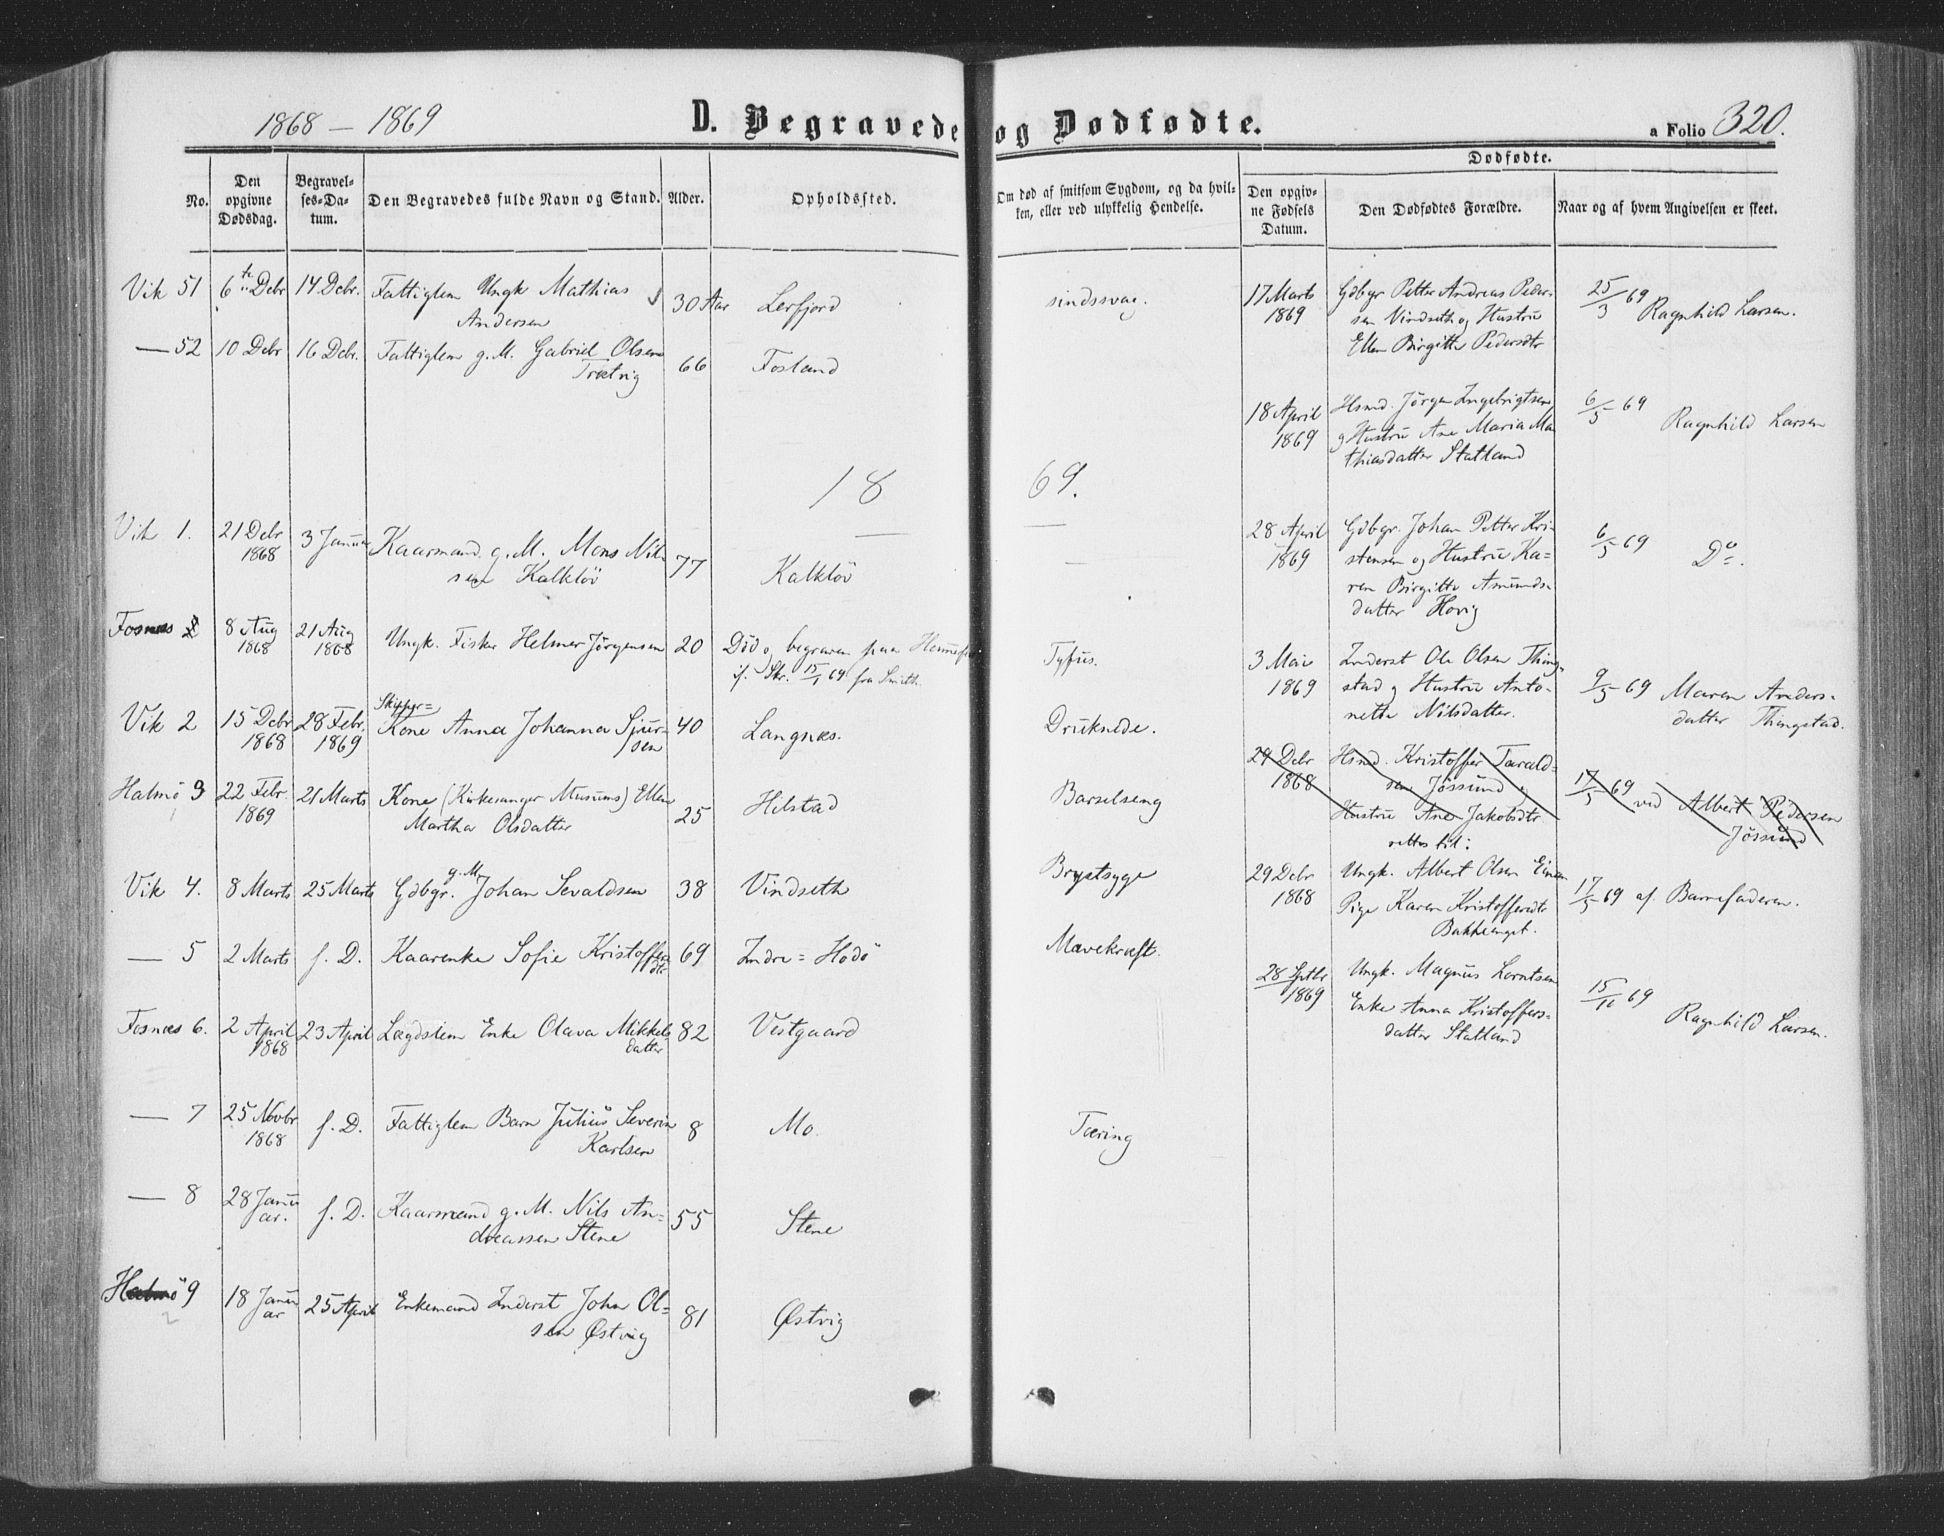 SAT, Ministerialprotokoller, klokkerbøker og fødselsregistre - Nord-Trøndelag, 773/L0615: Ministerialbok nr. 773A06, 1857-1870, s. 320